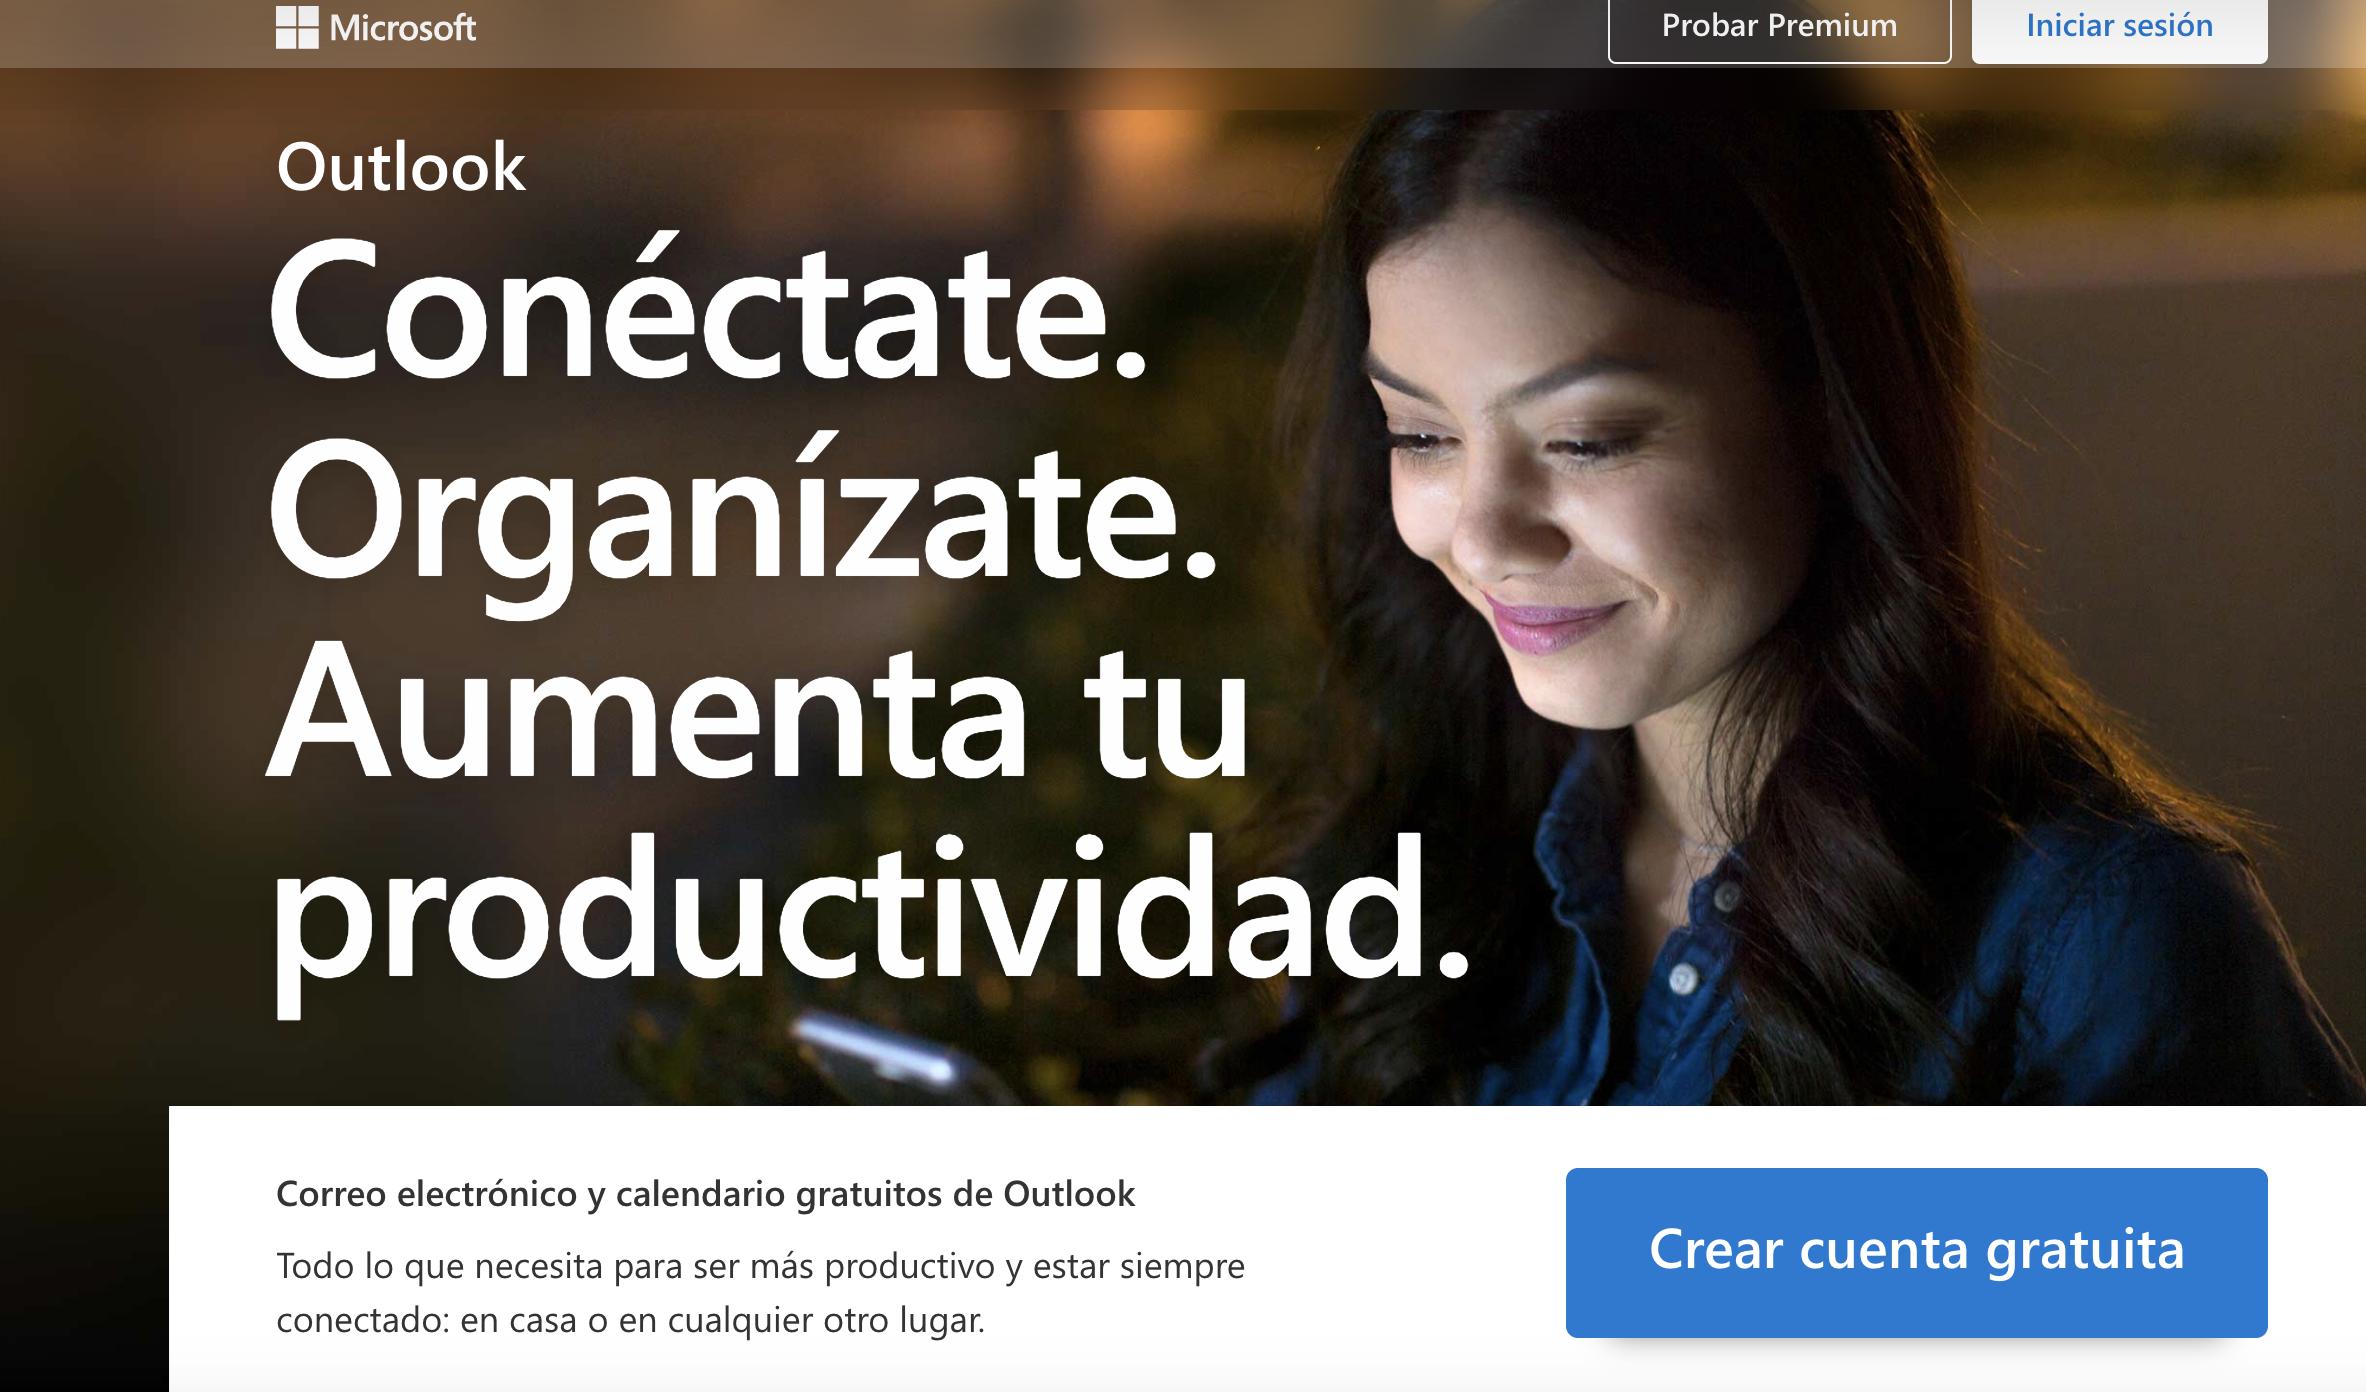 Outlook como mejor landing page sin distracciones